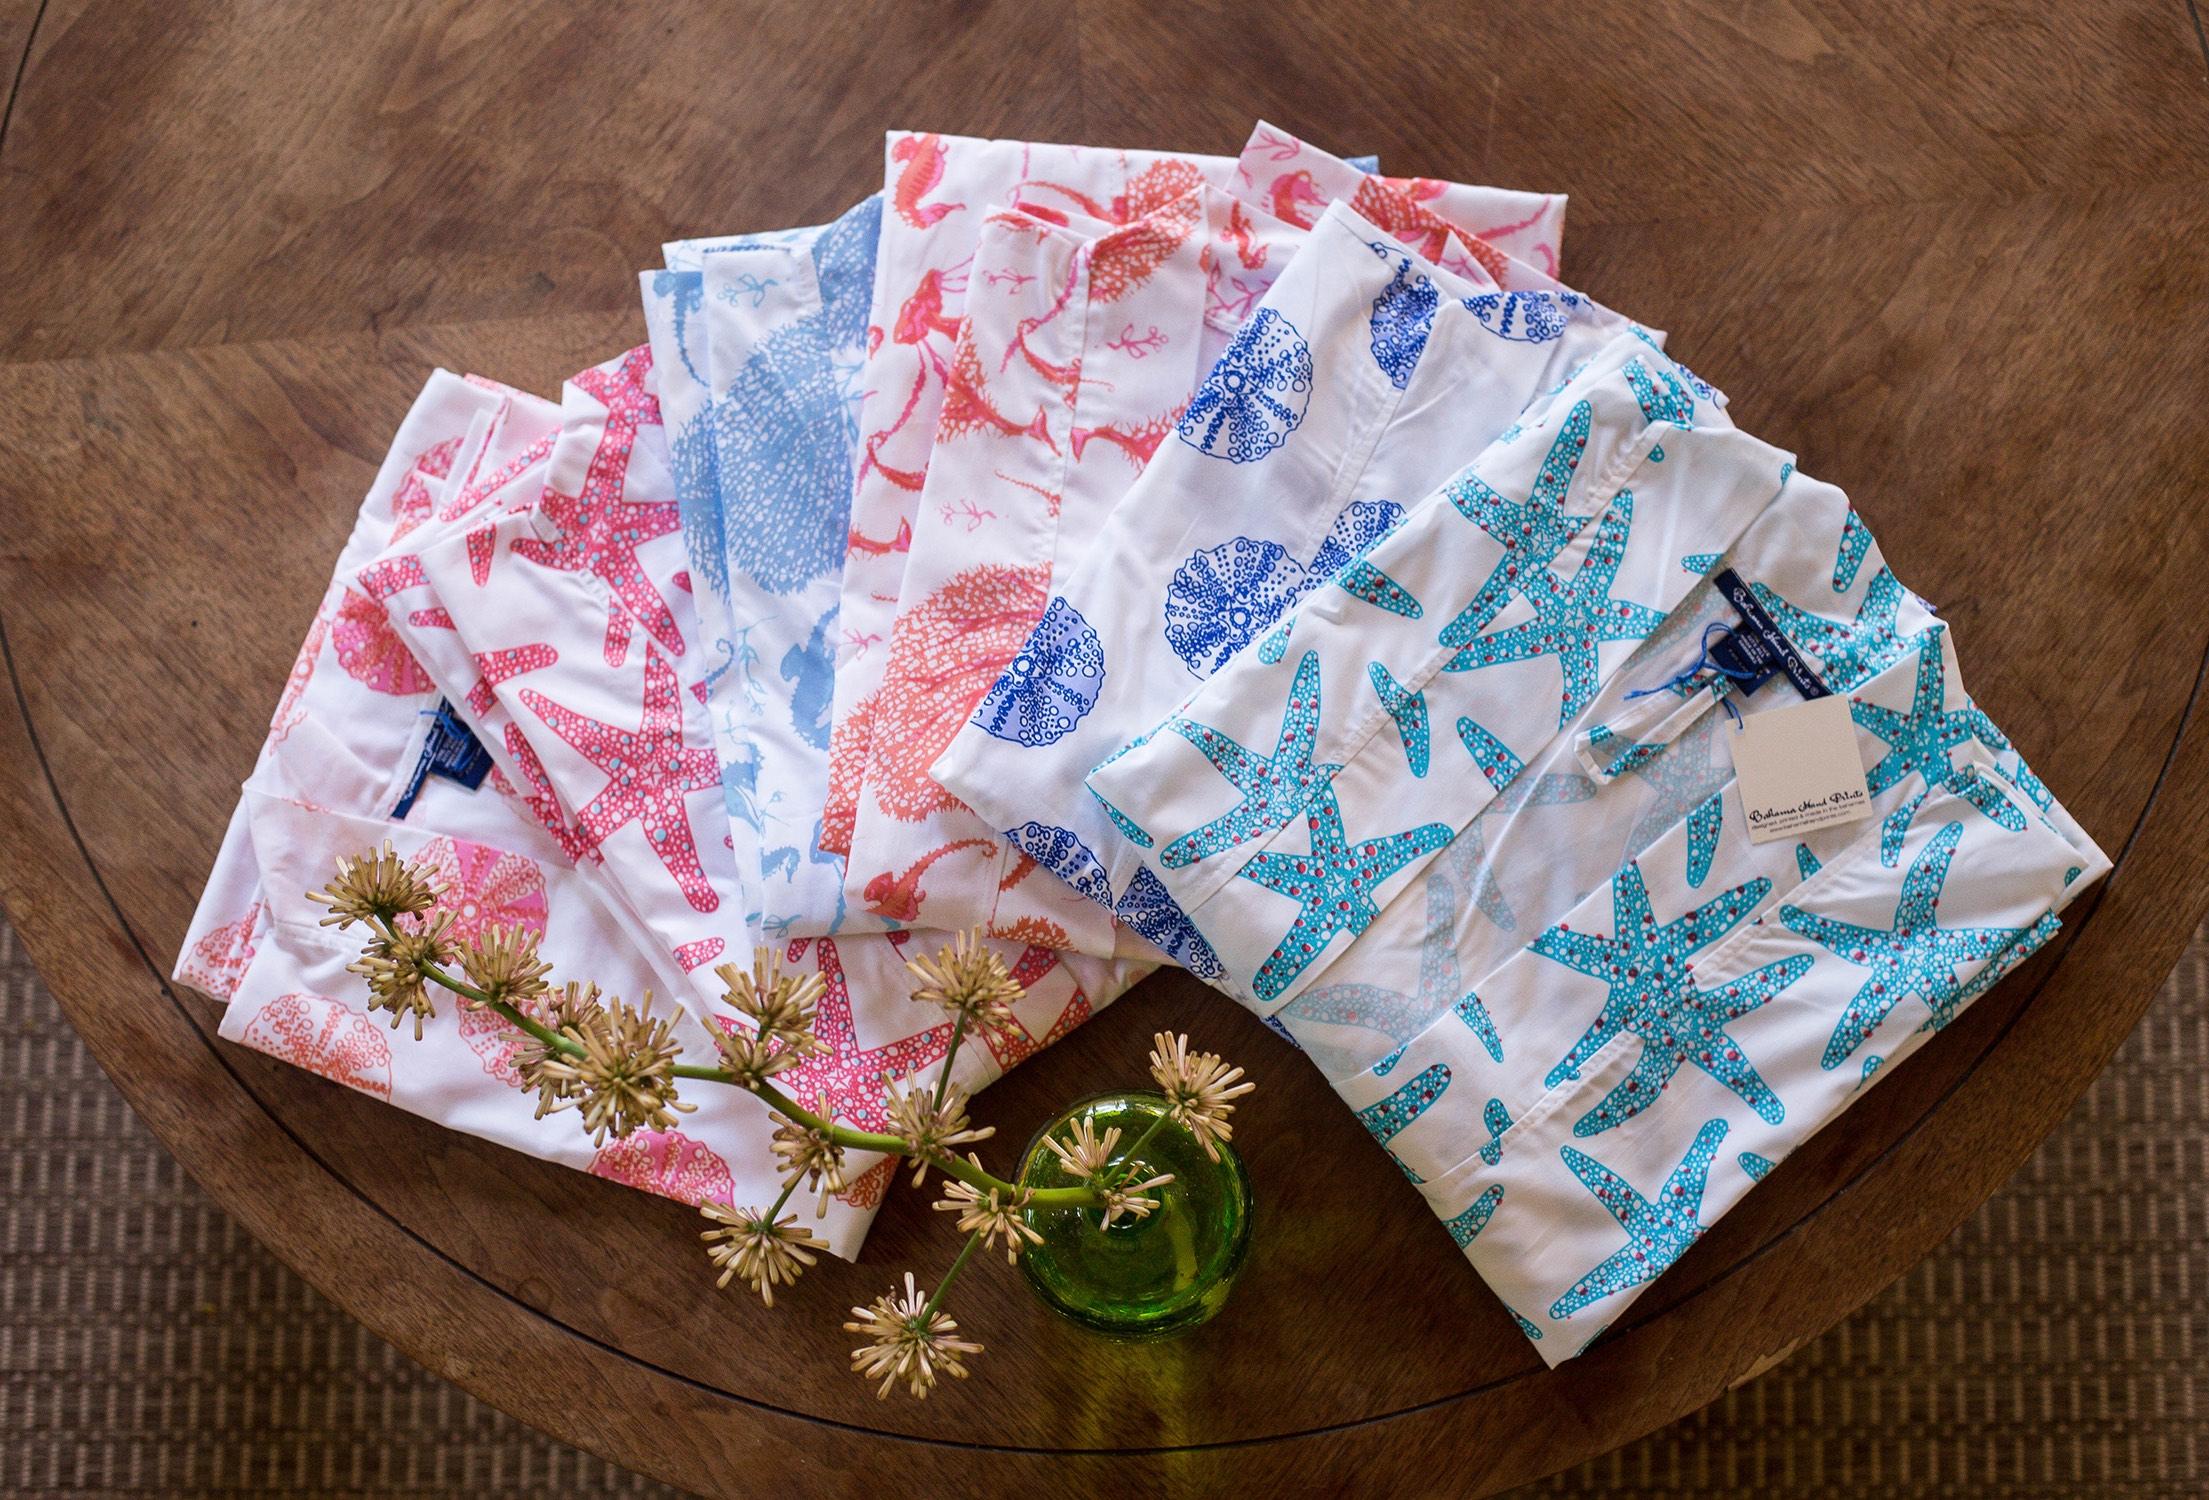 folded-happy-coats-assorted-prints-bahamahandprints-nassau-bahamas copy.jpg